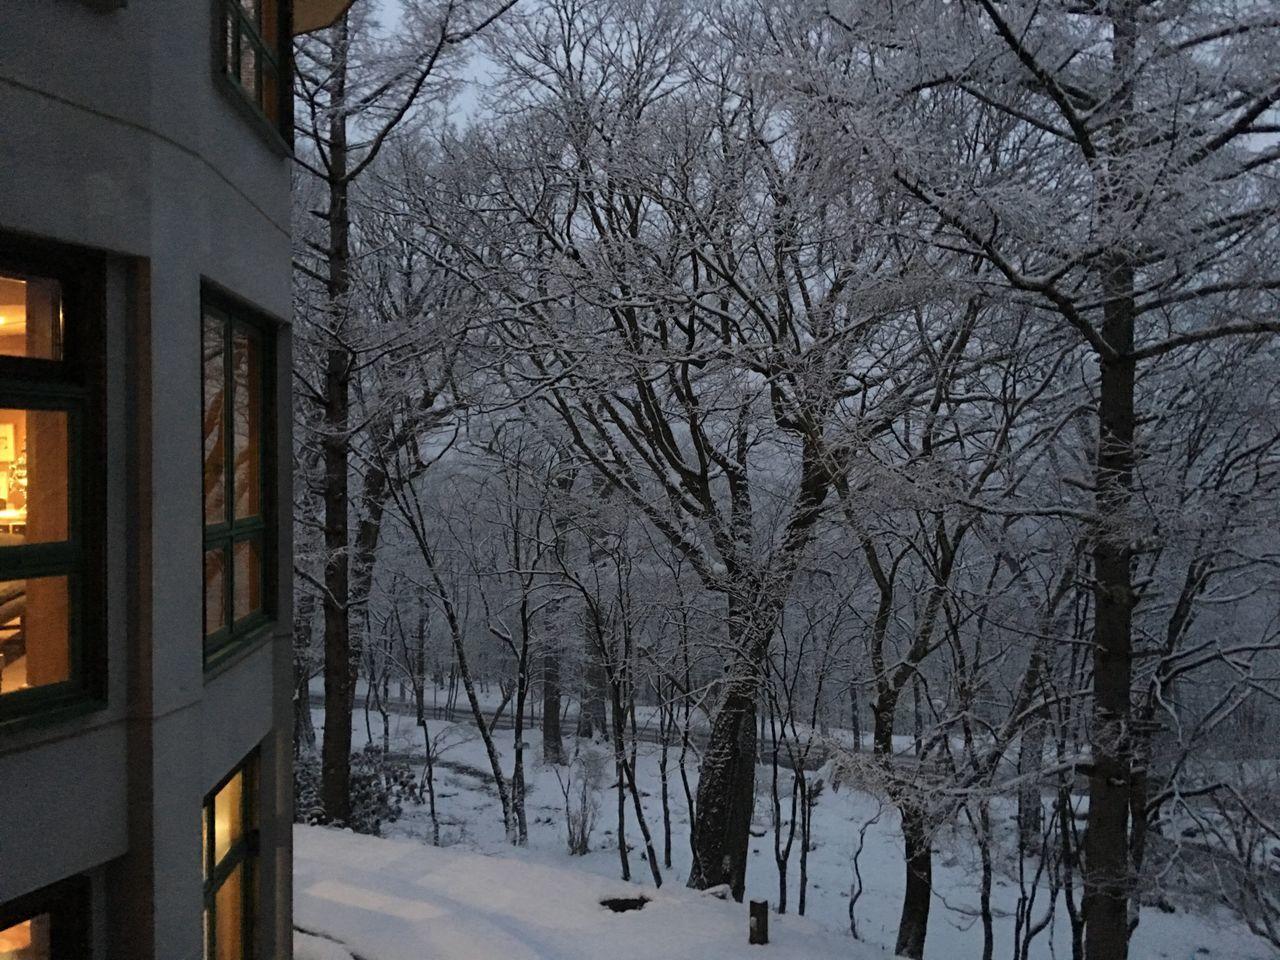 雪の日光もいいものです Hello World Enjoying Life Relaxing Nikko 金谷ホテル Snow 日光 雪